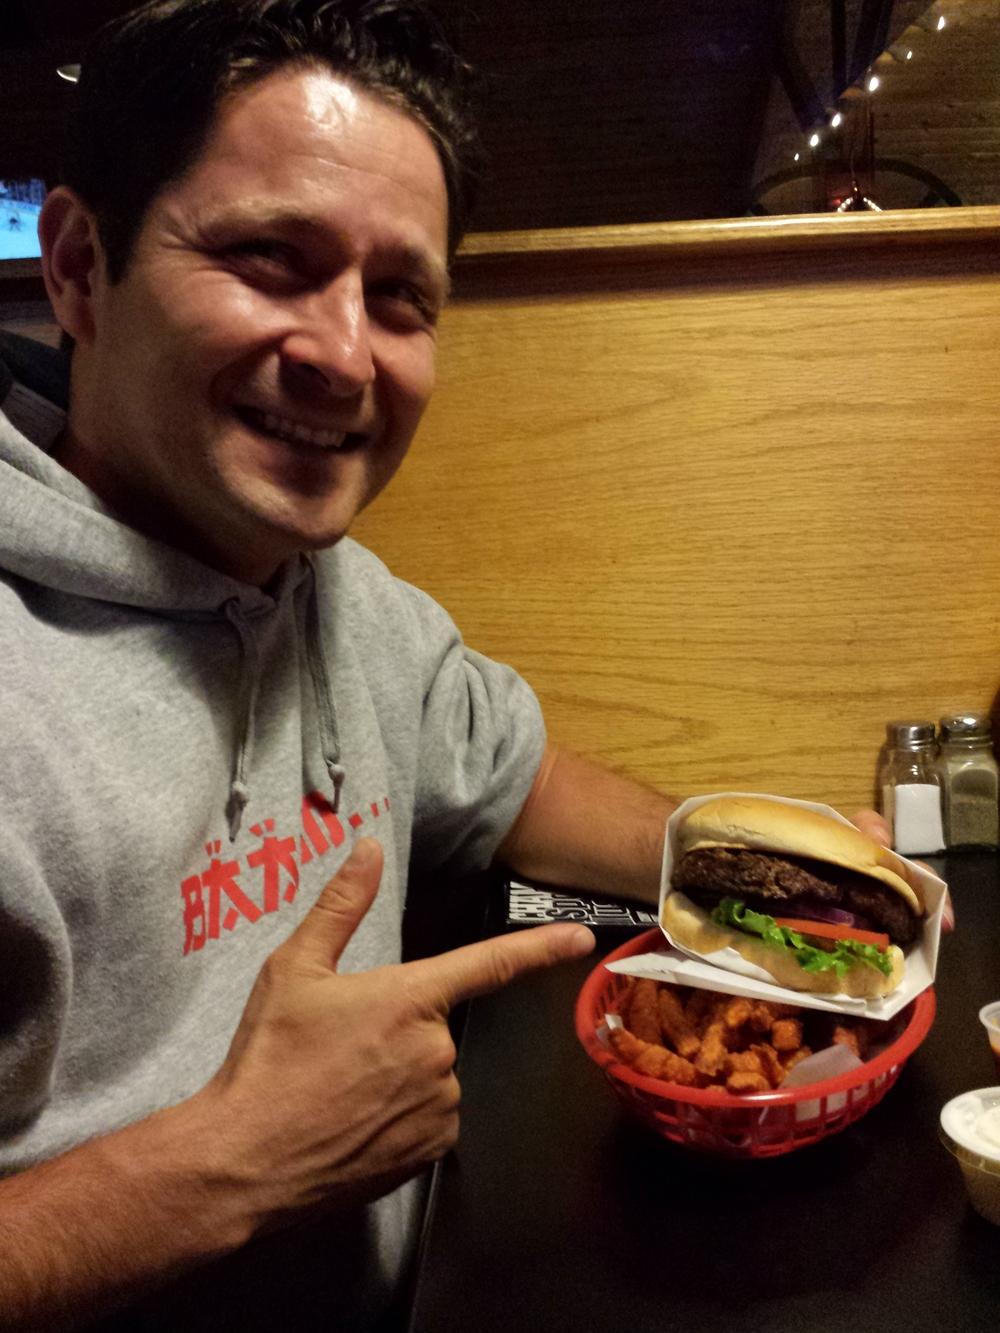 Bei Slackers in Page gab es den ersten richtig guten Burger für uns.